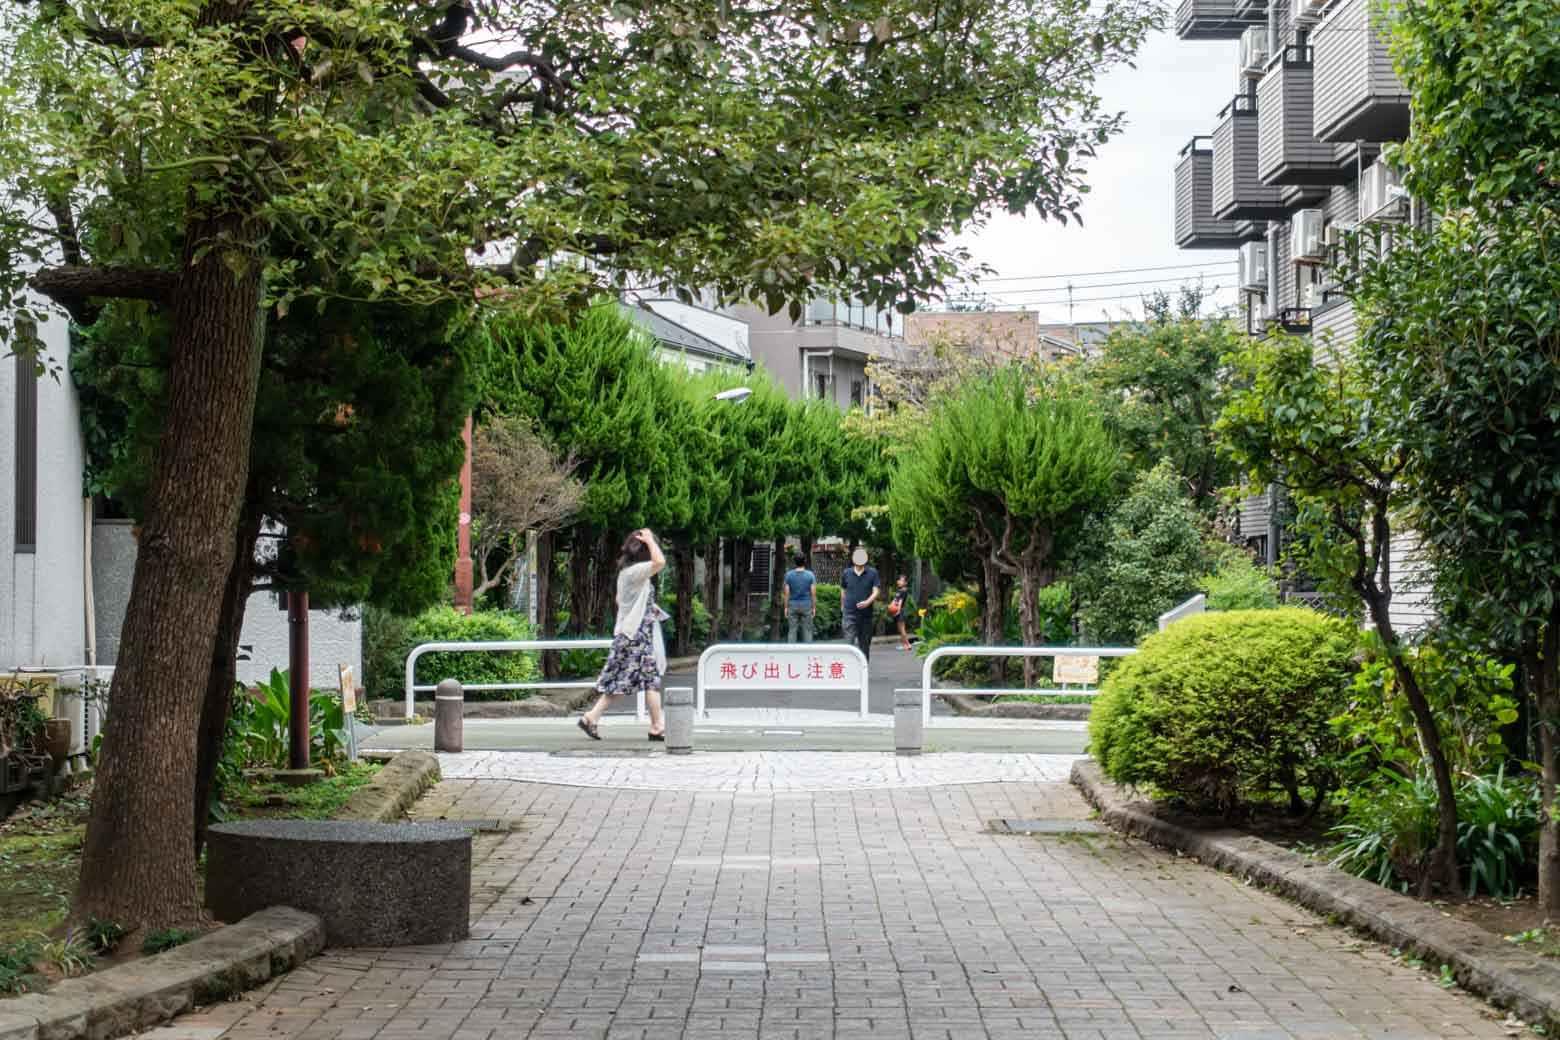 商店街の途中に緑道があります。前から気になっていたのでフラッと散歩してみました。